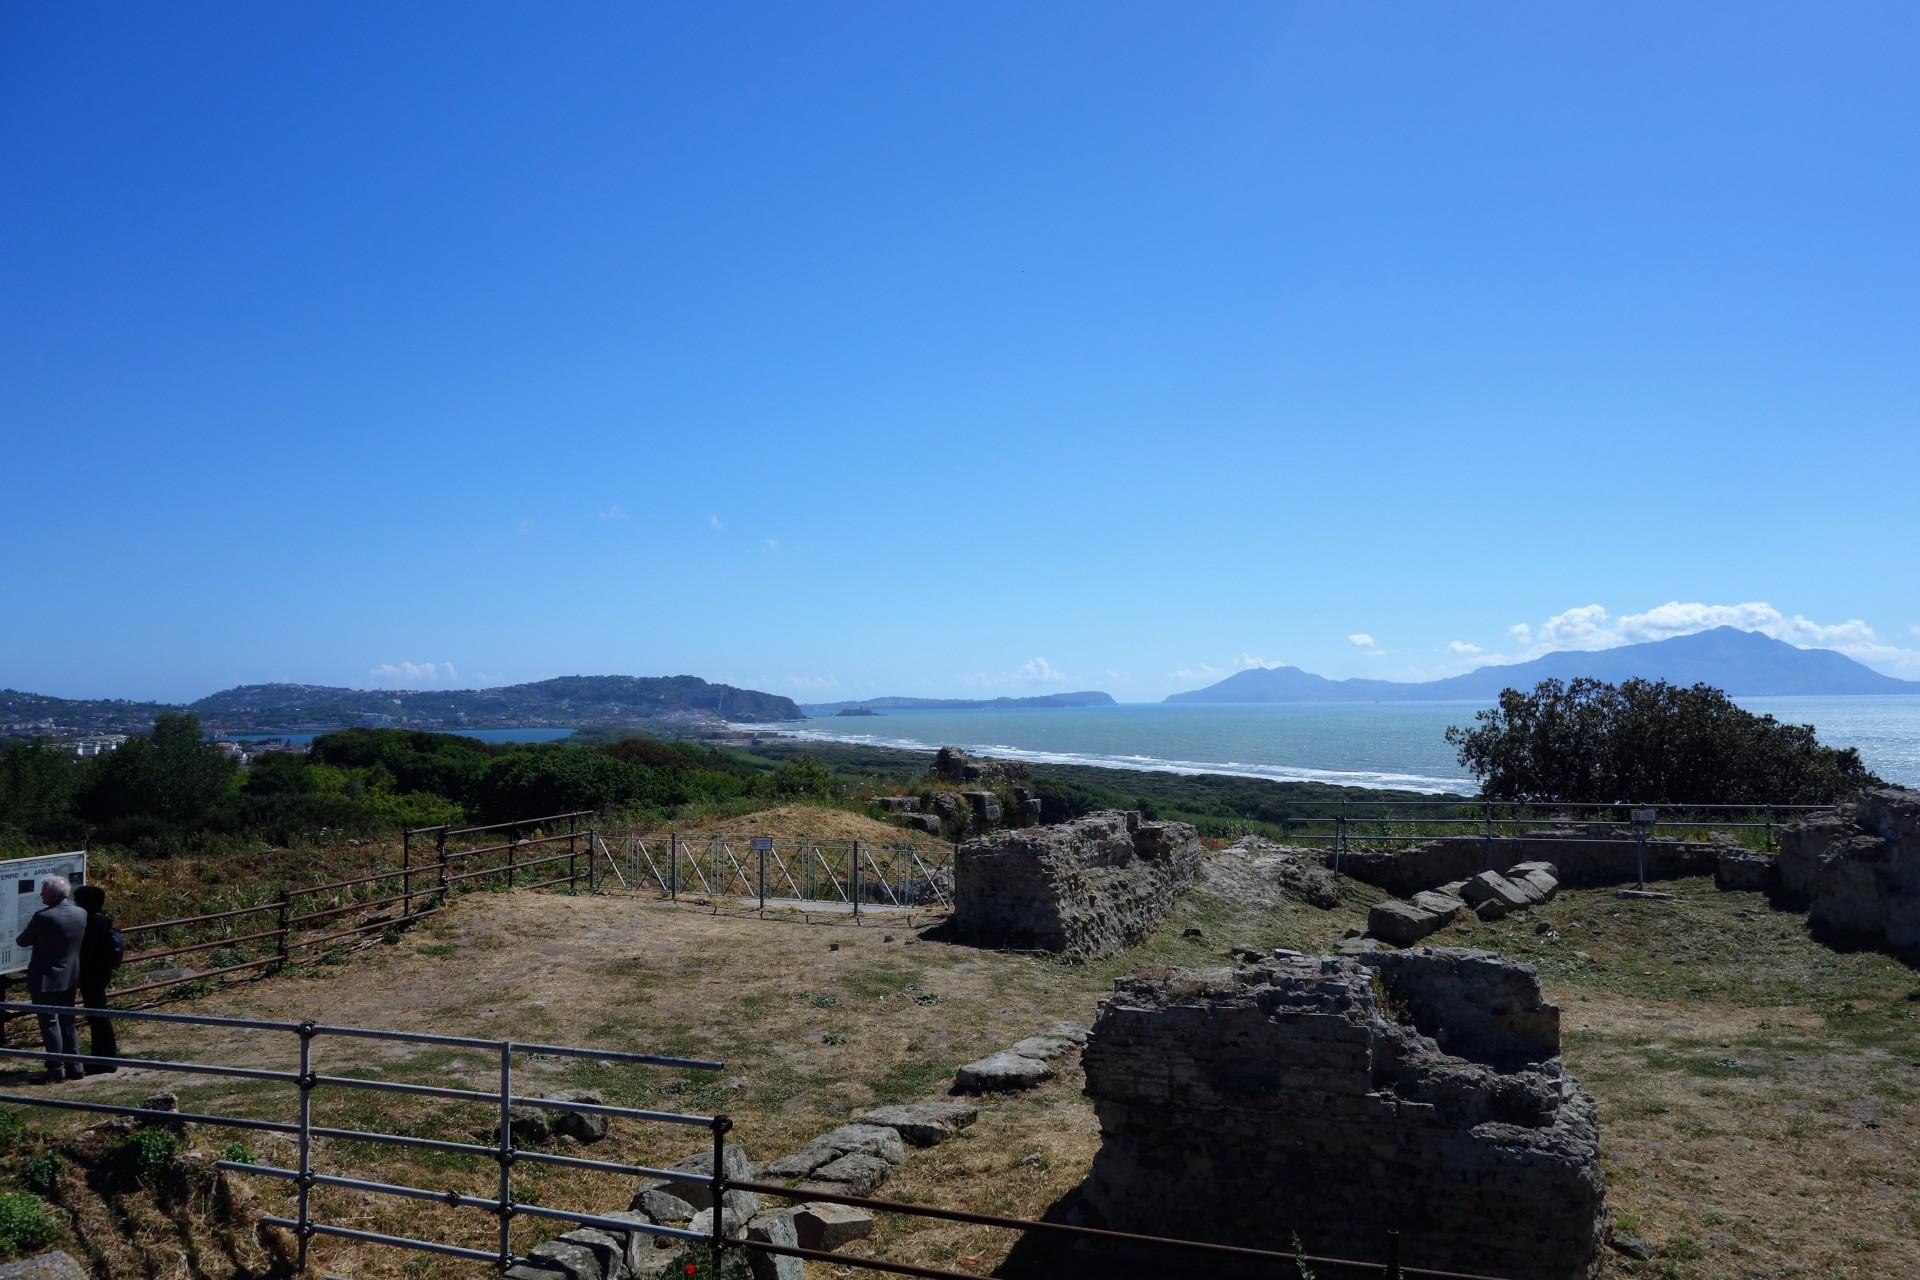 Cumae, Blick von der Akropolis auf die Inseln Ischia und Procida